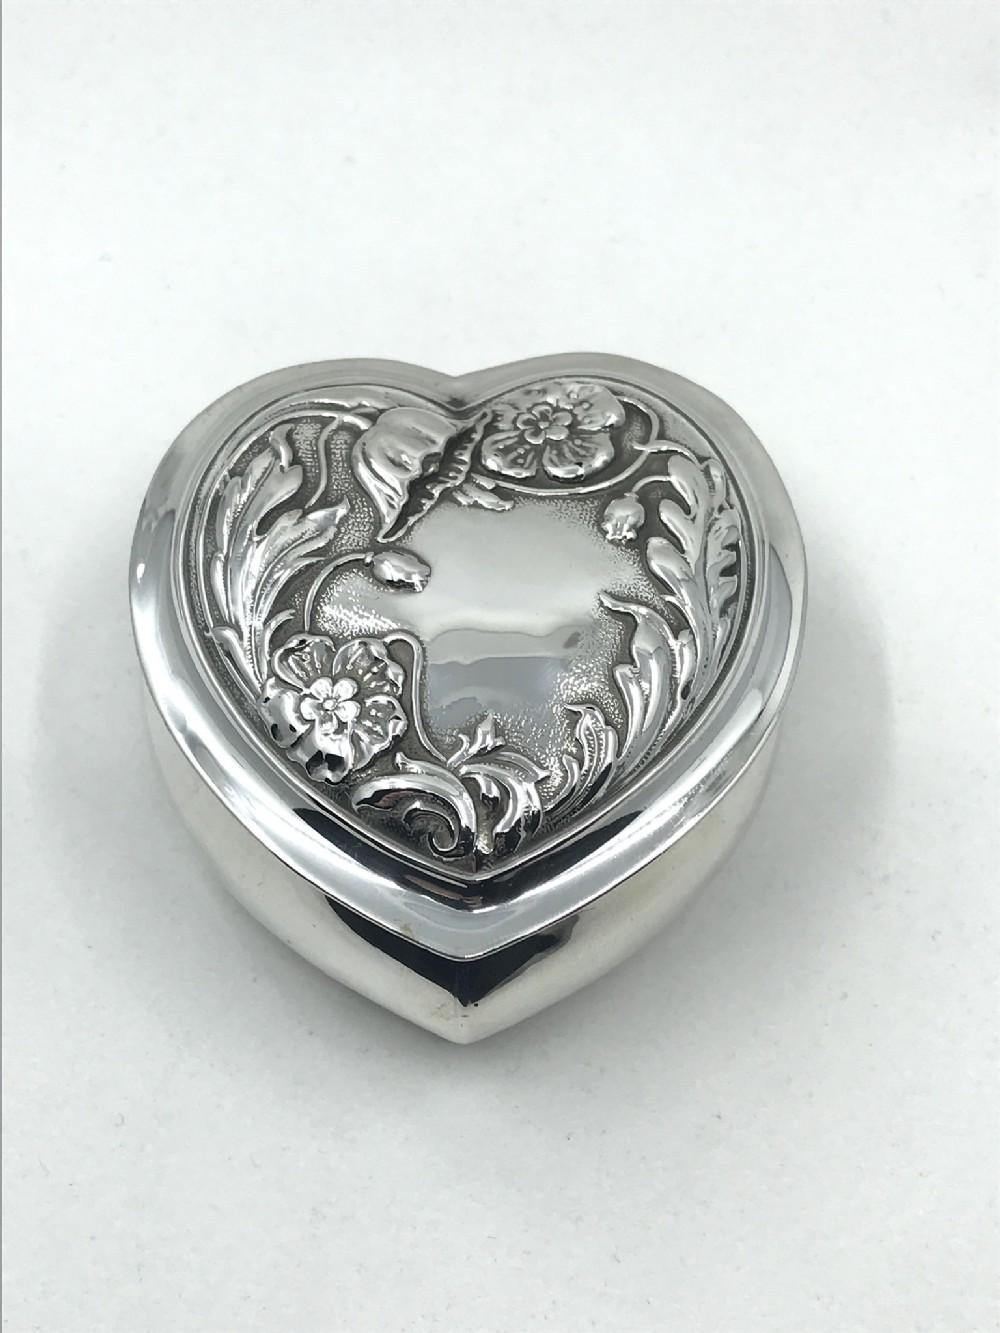 silver heart trinket box